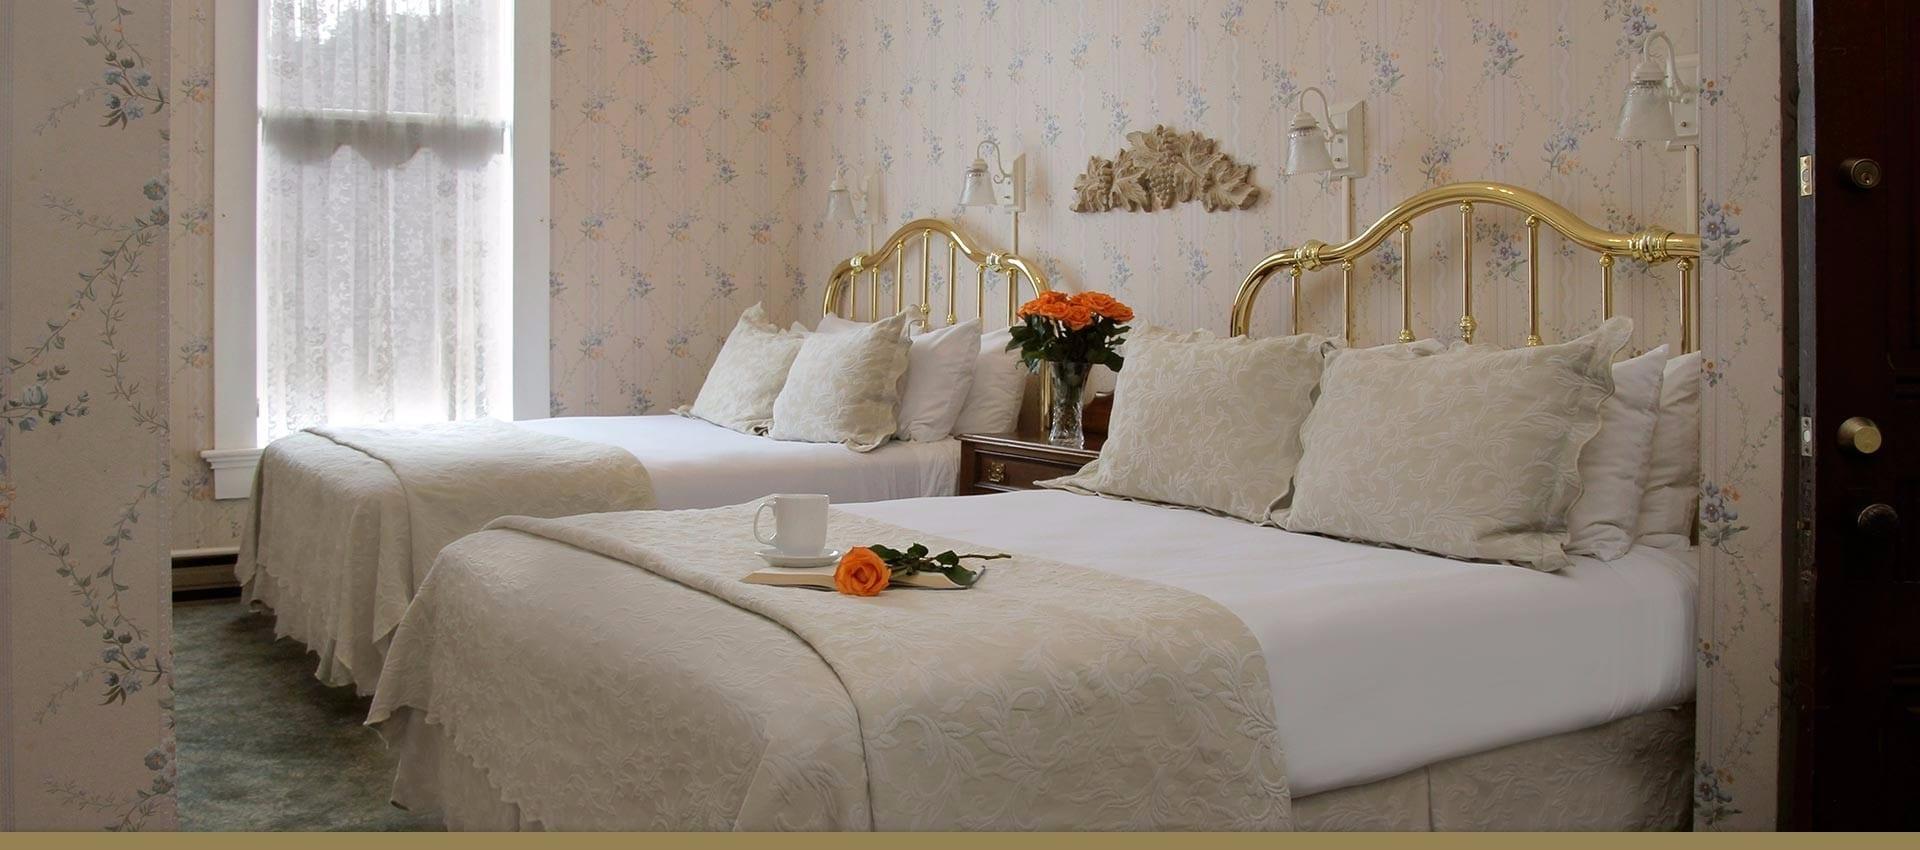 Victorian Inn Maren's Suite two queen beds